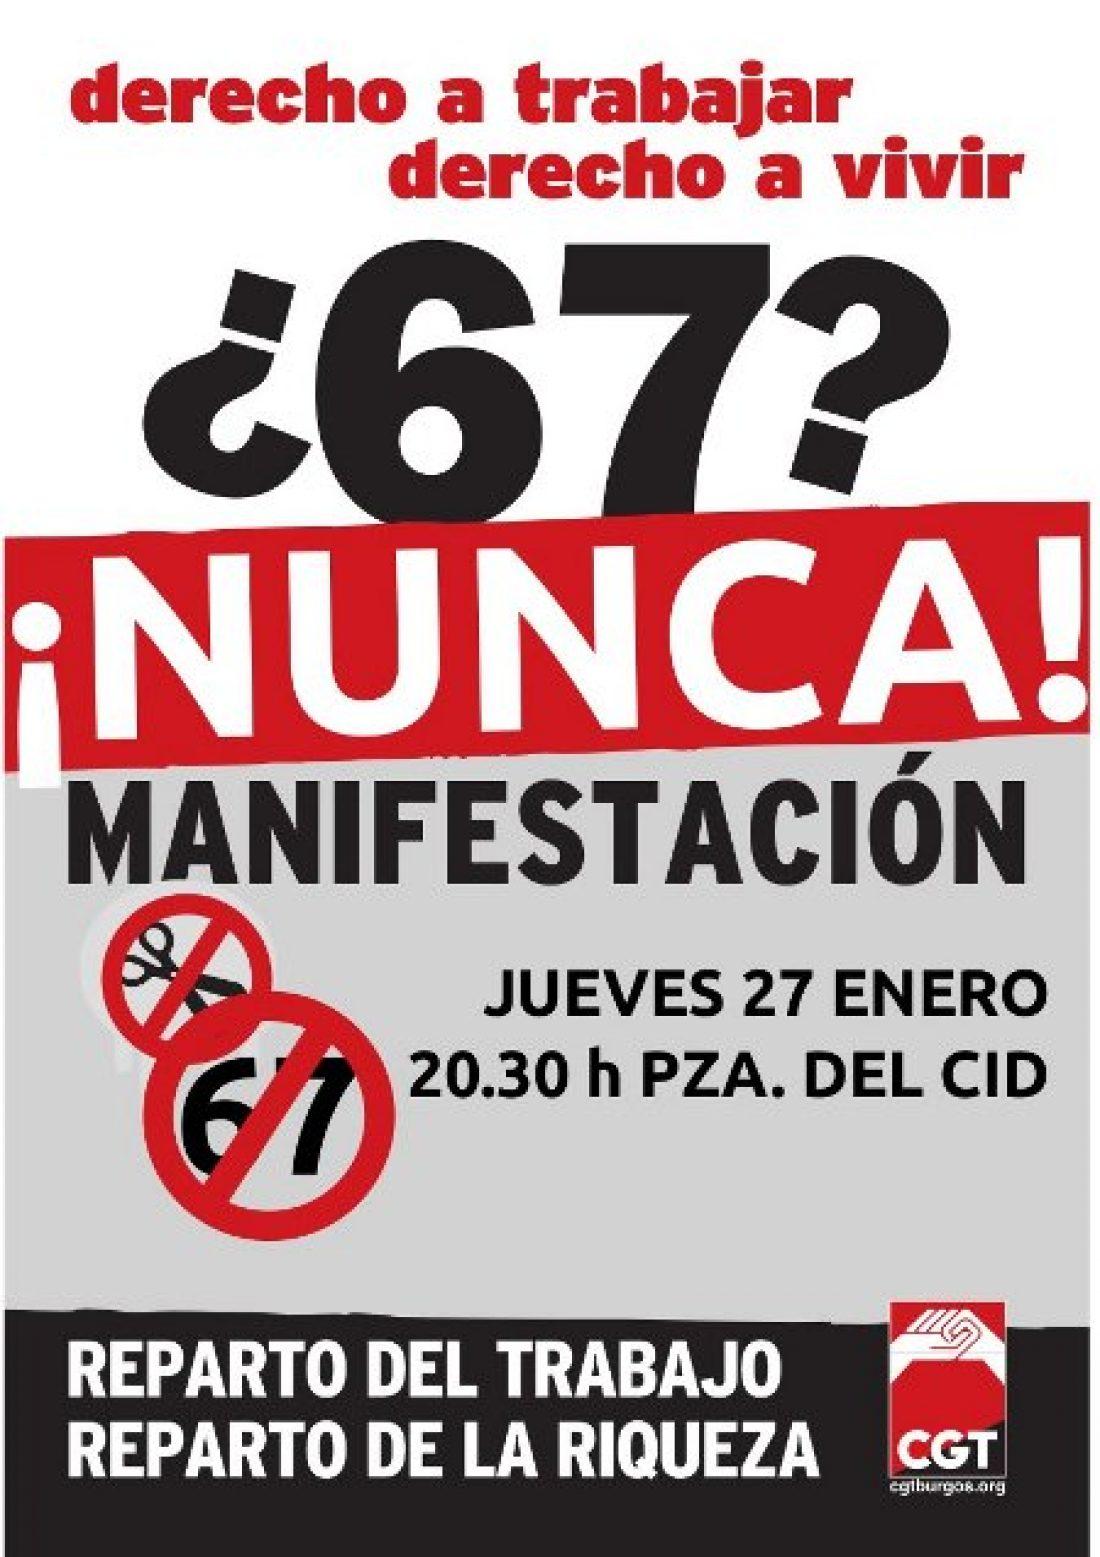 Burgos, 27 de Enero: Manifestación contra la jubilación a los 67 años